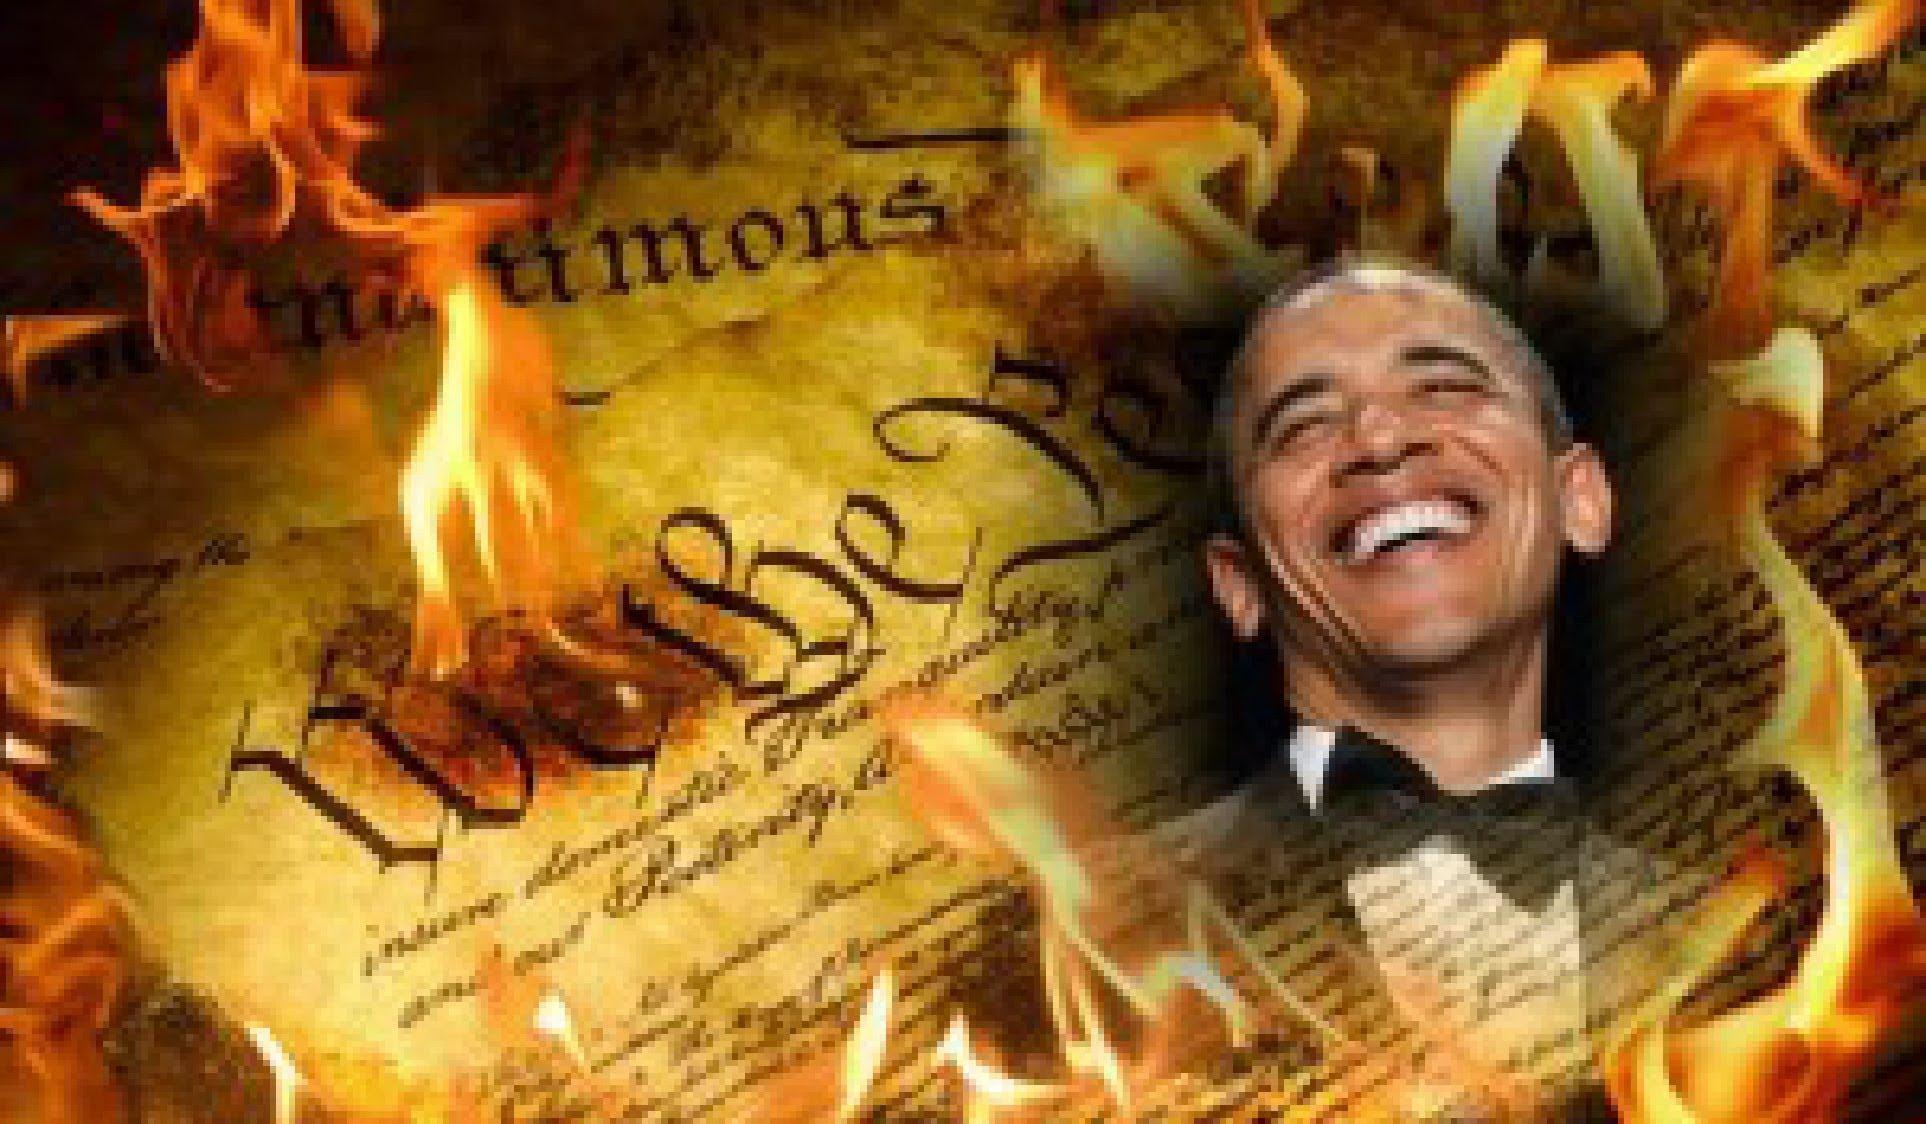 Bildergebnis für america is burning images